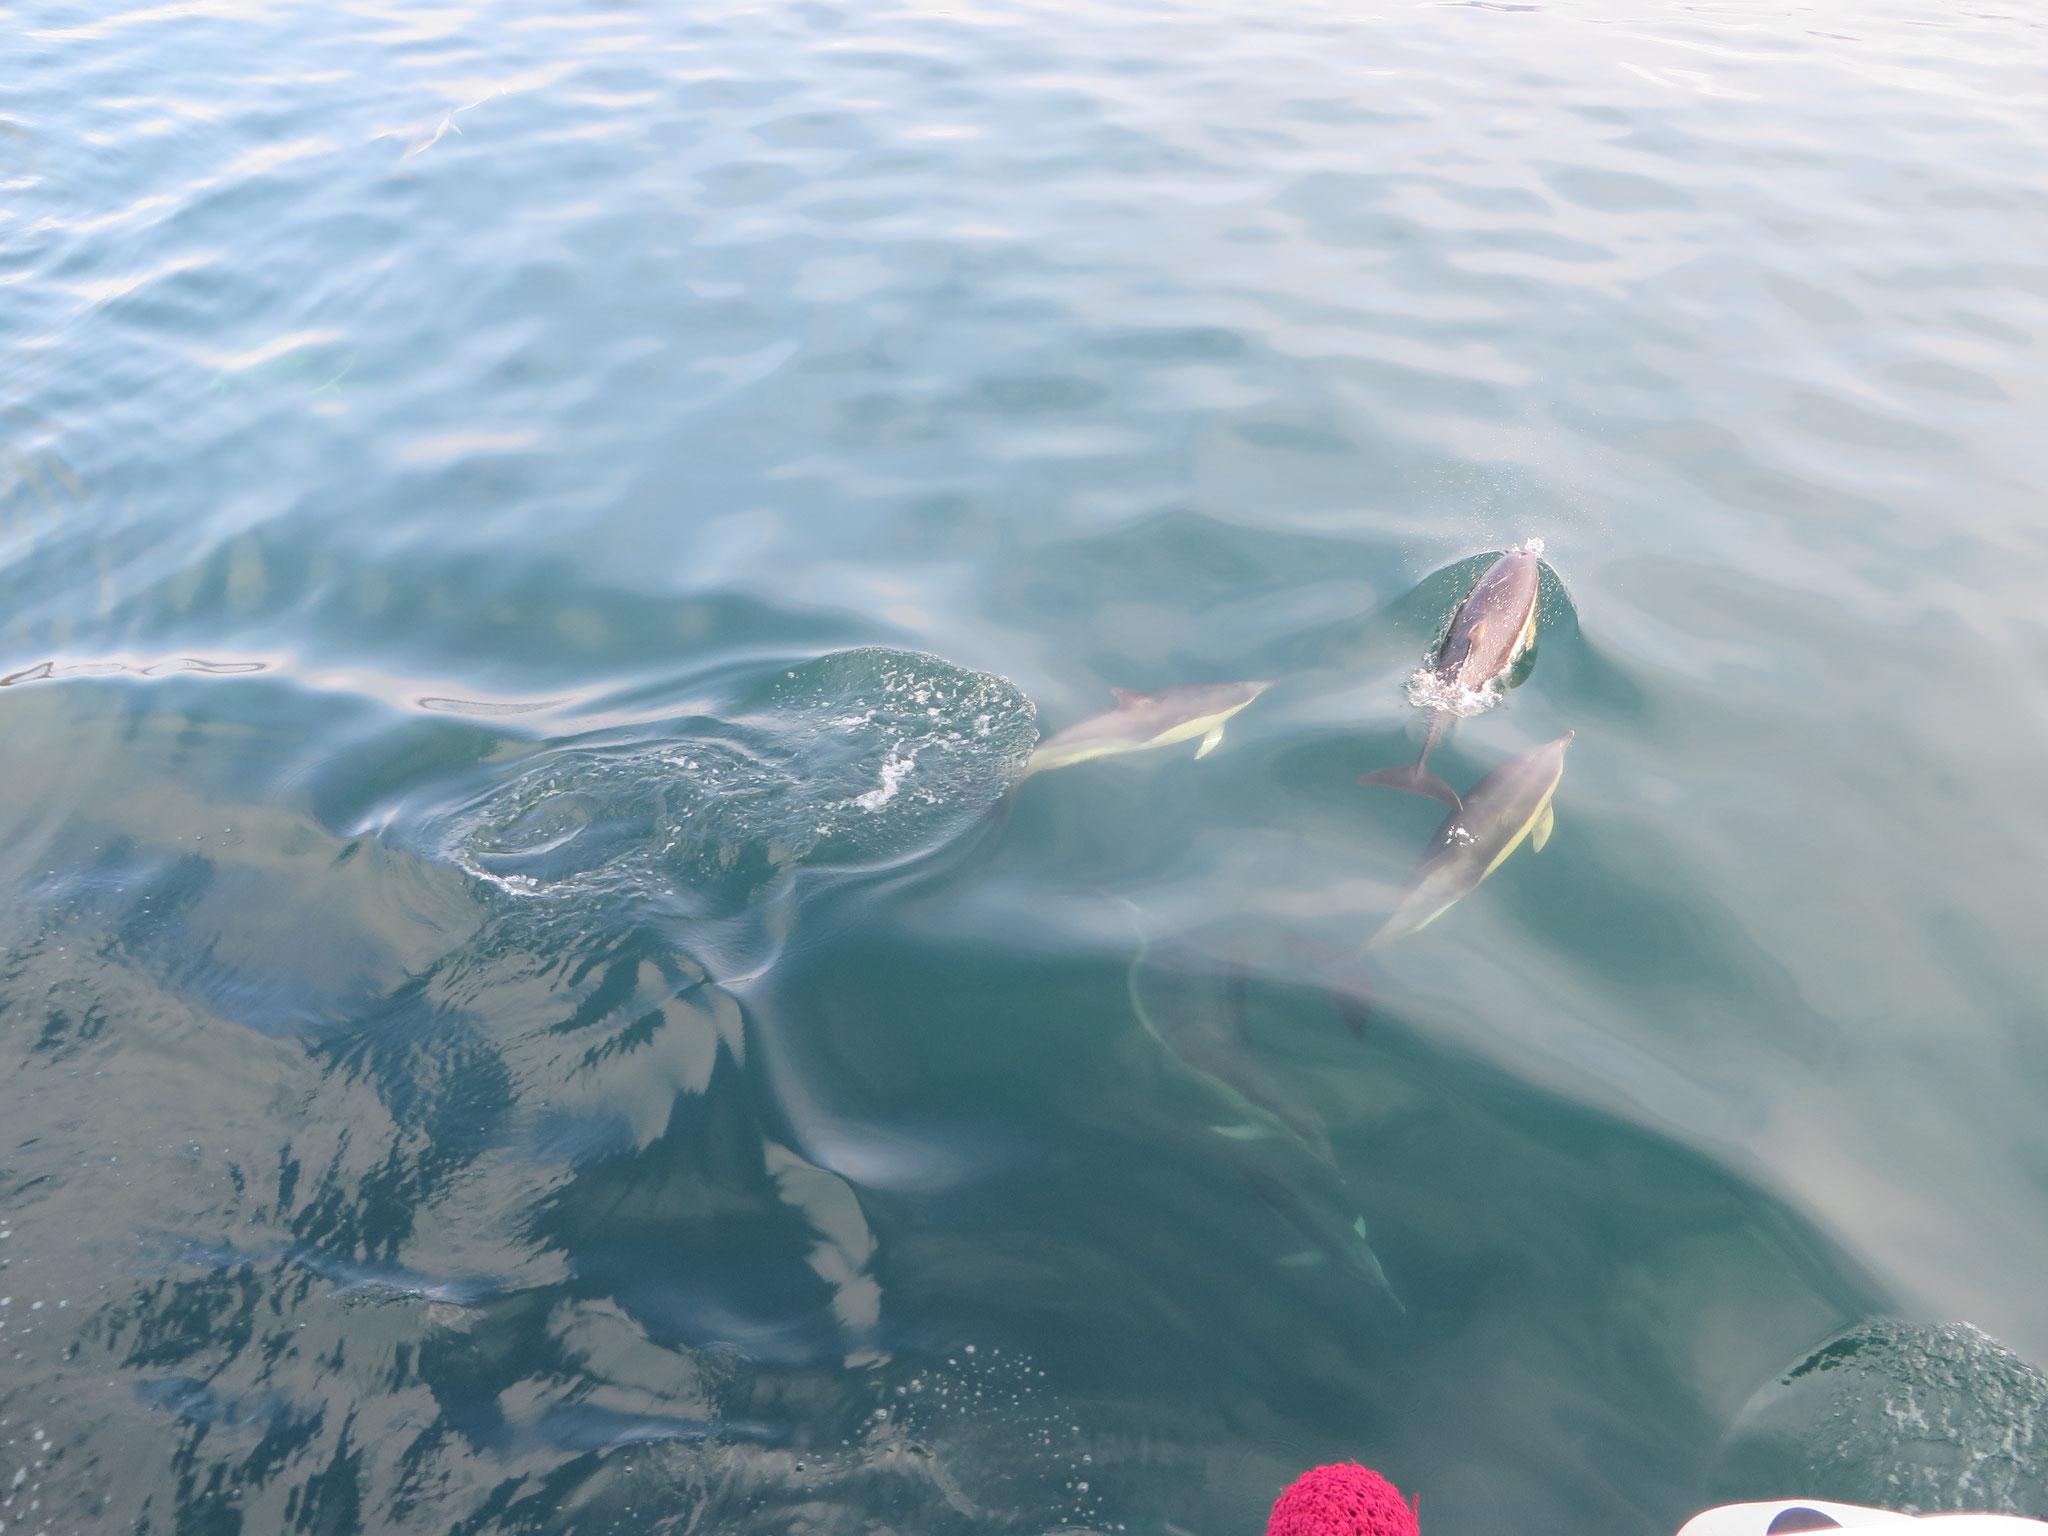 Überraschende Delfinbegegnung im Sound of Mull